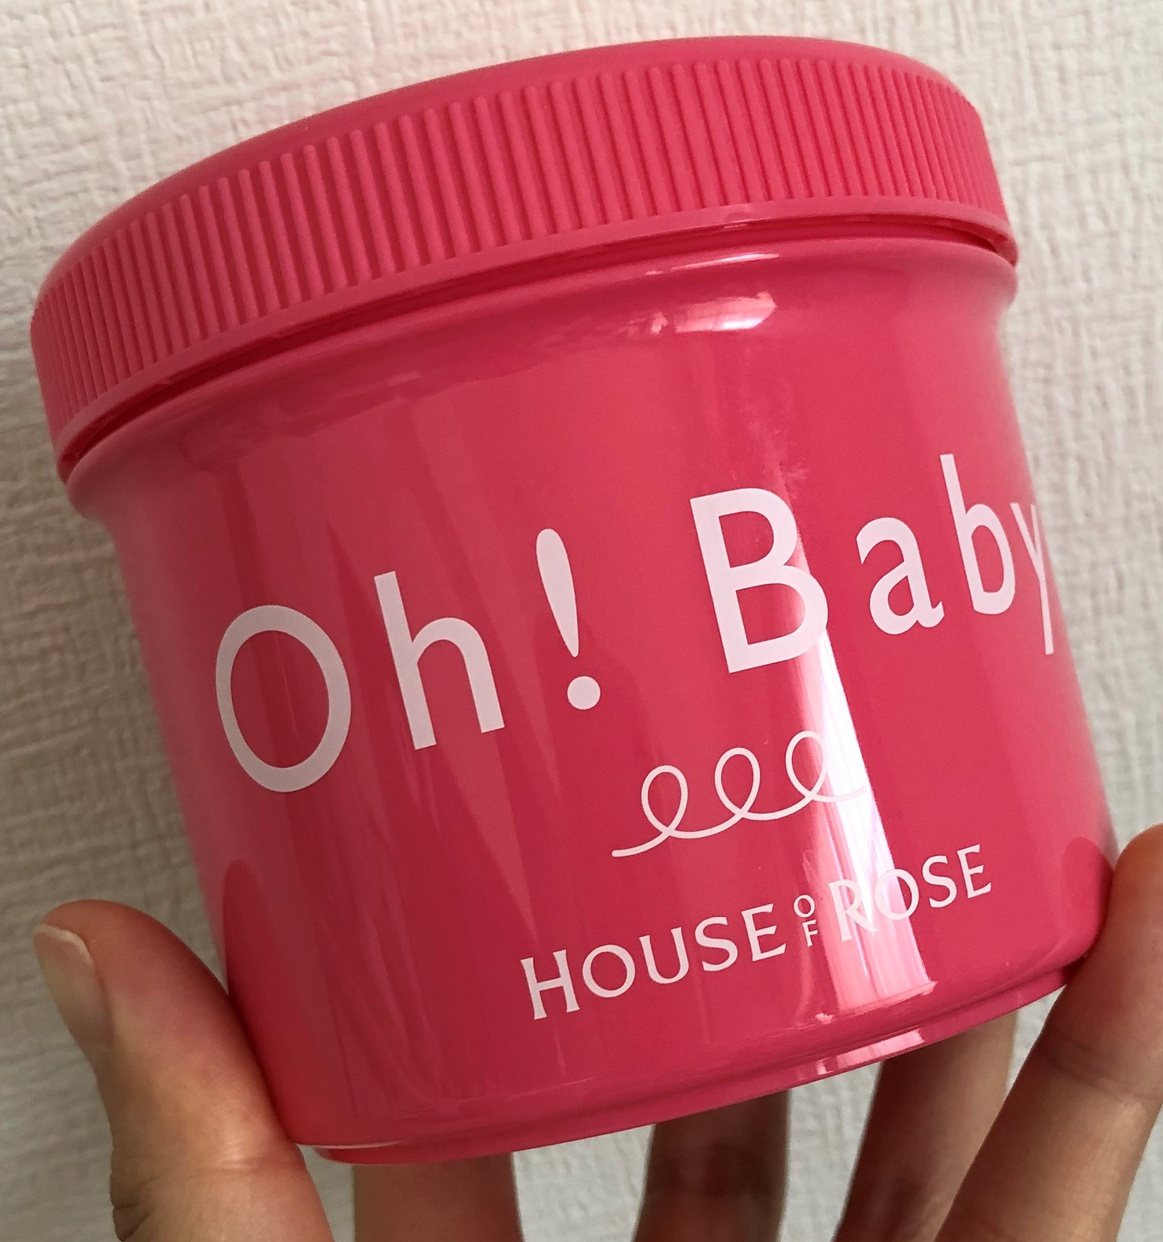 HOUSE OF ROSE(ハウスオブローゼ) オーベイビー ボディ スムーザーの良い点・メリットに関するreiさんの口コミ画像1